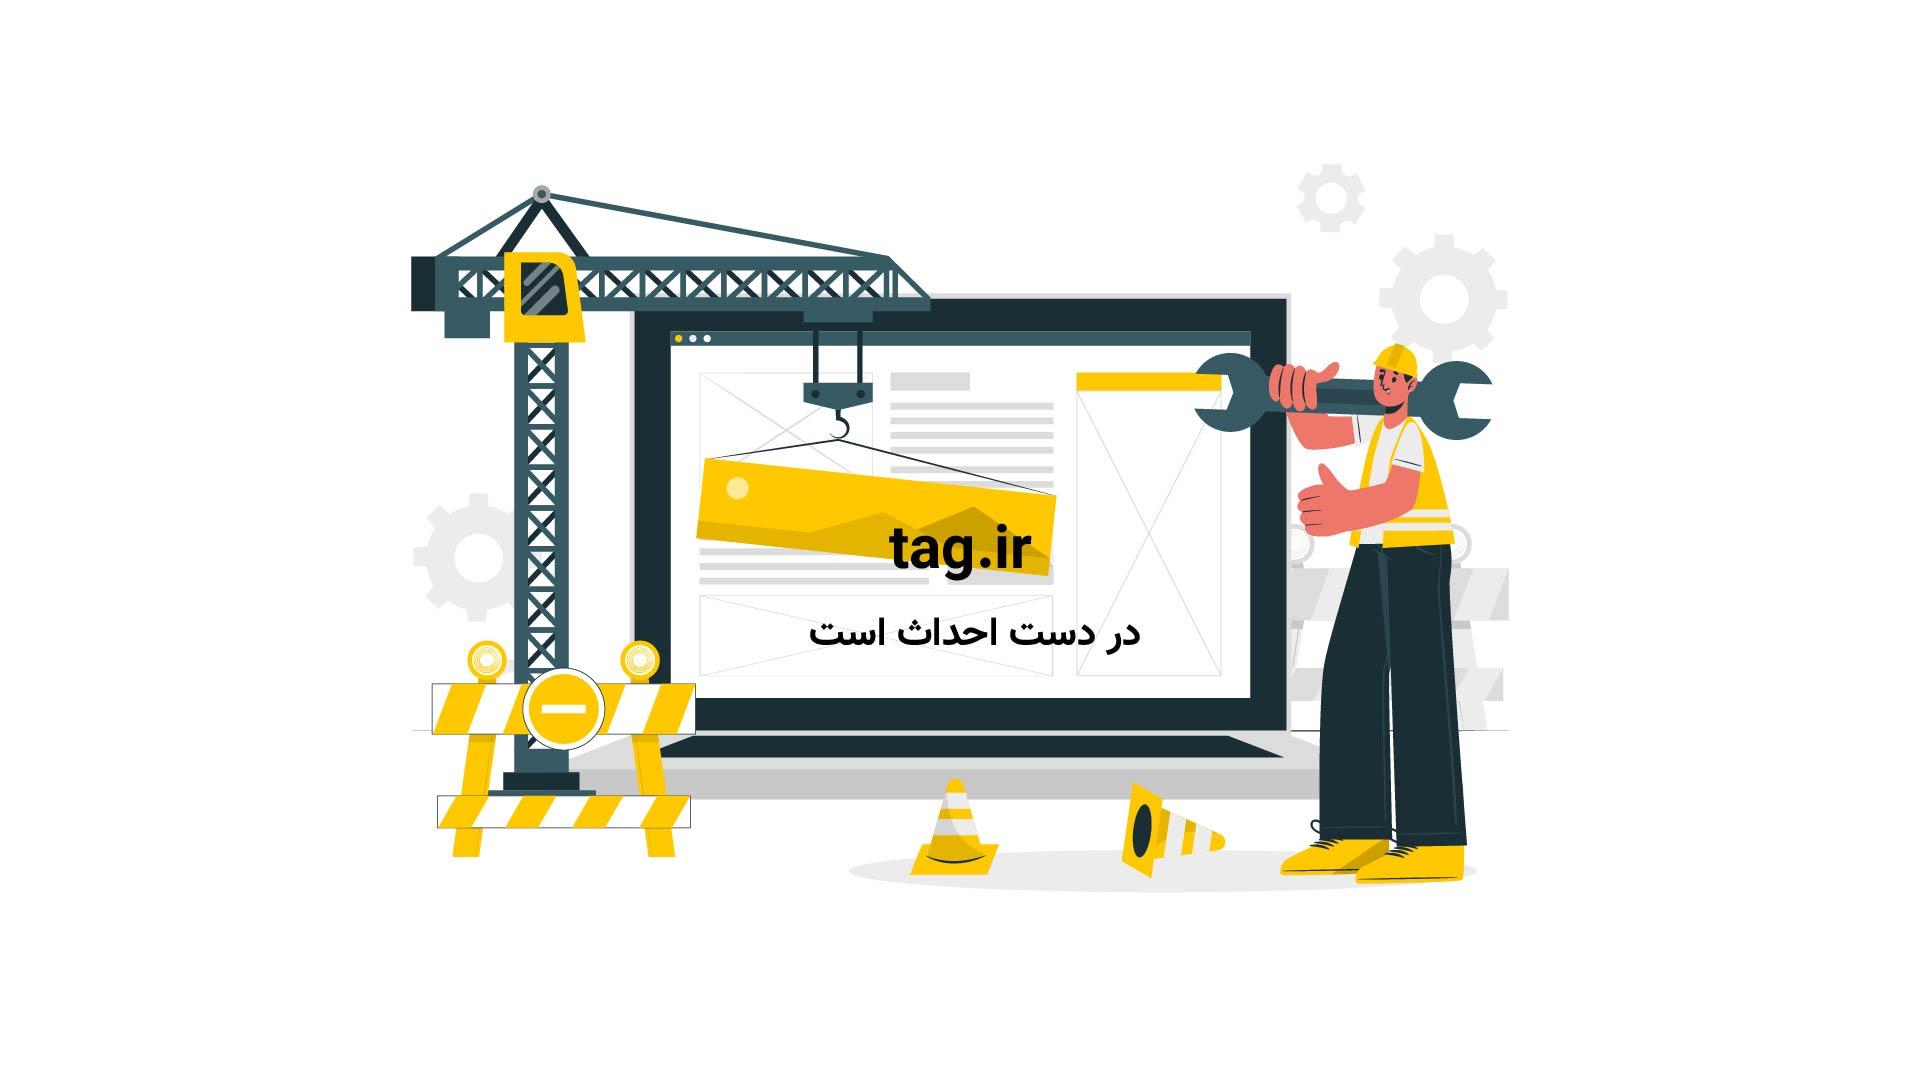 عید فطر | تگ